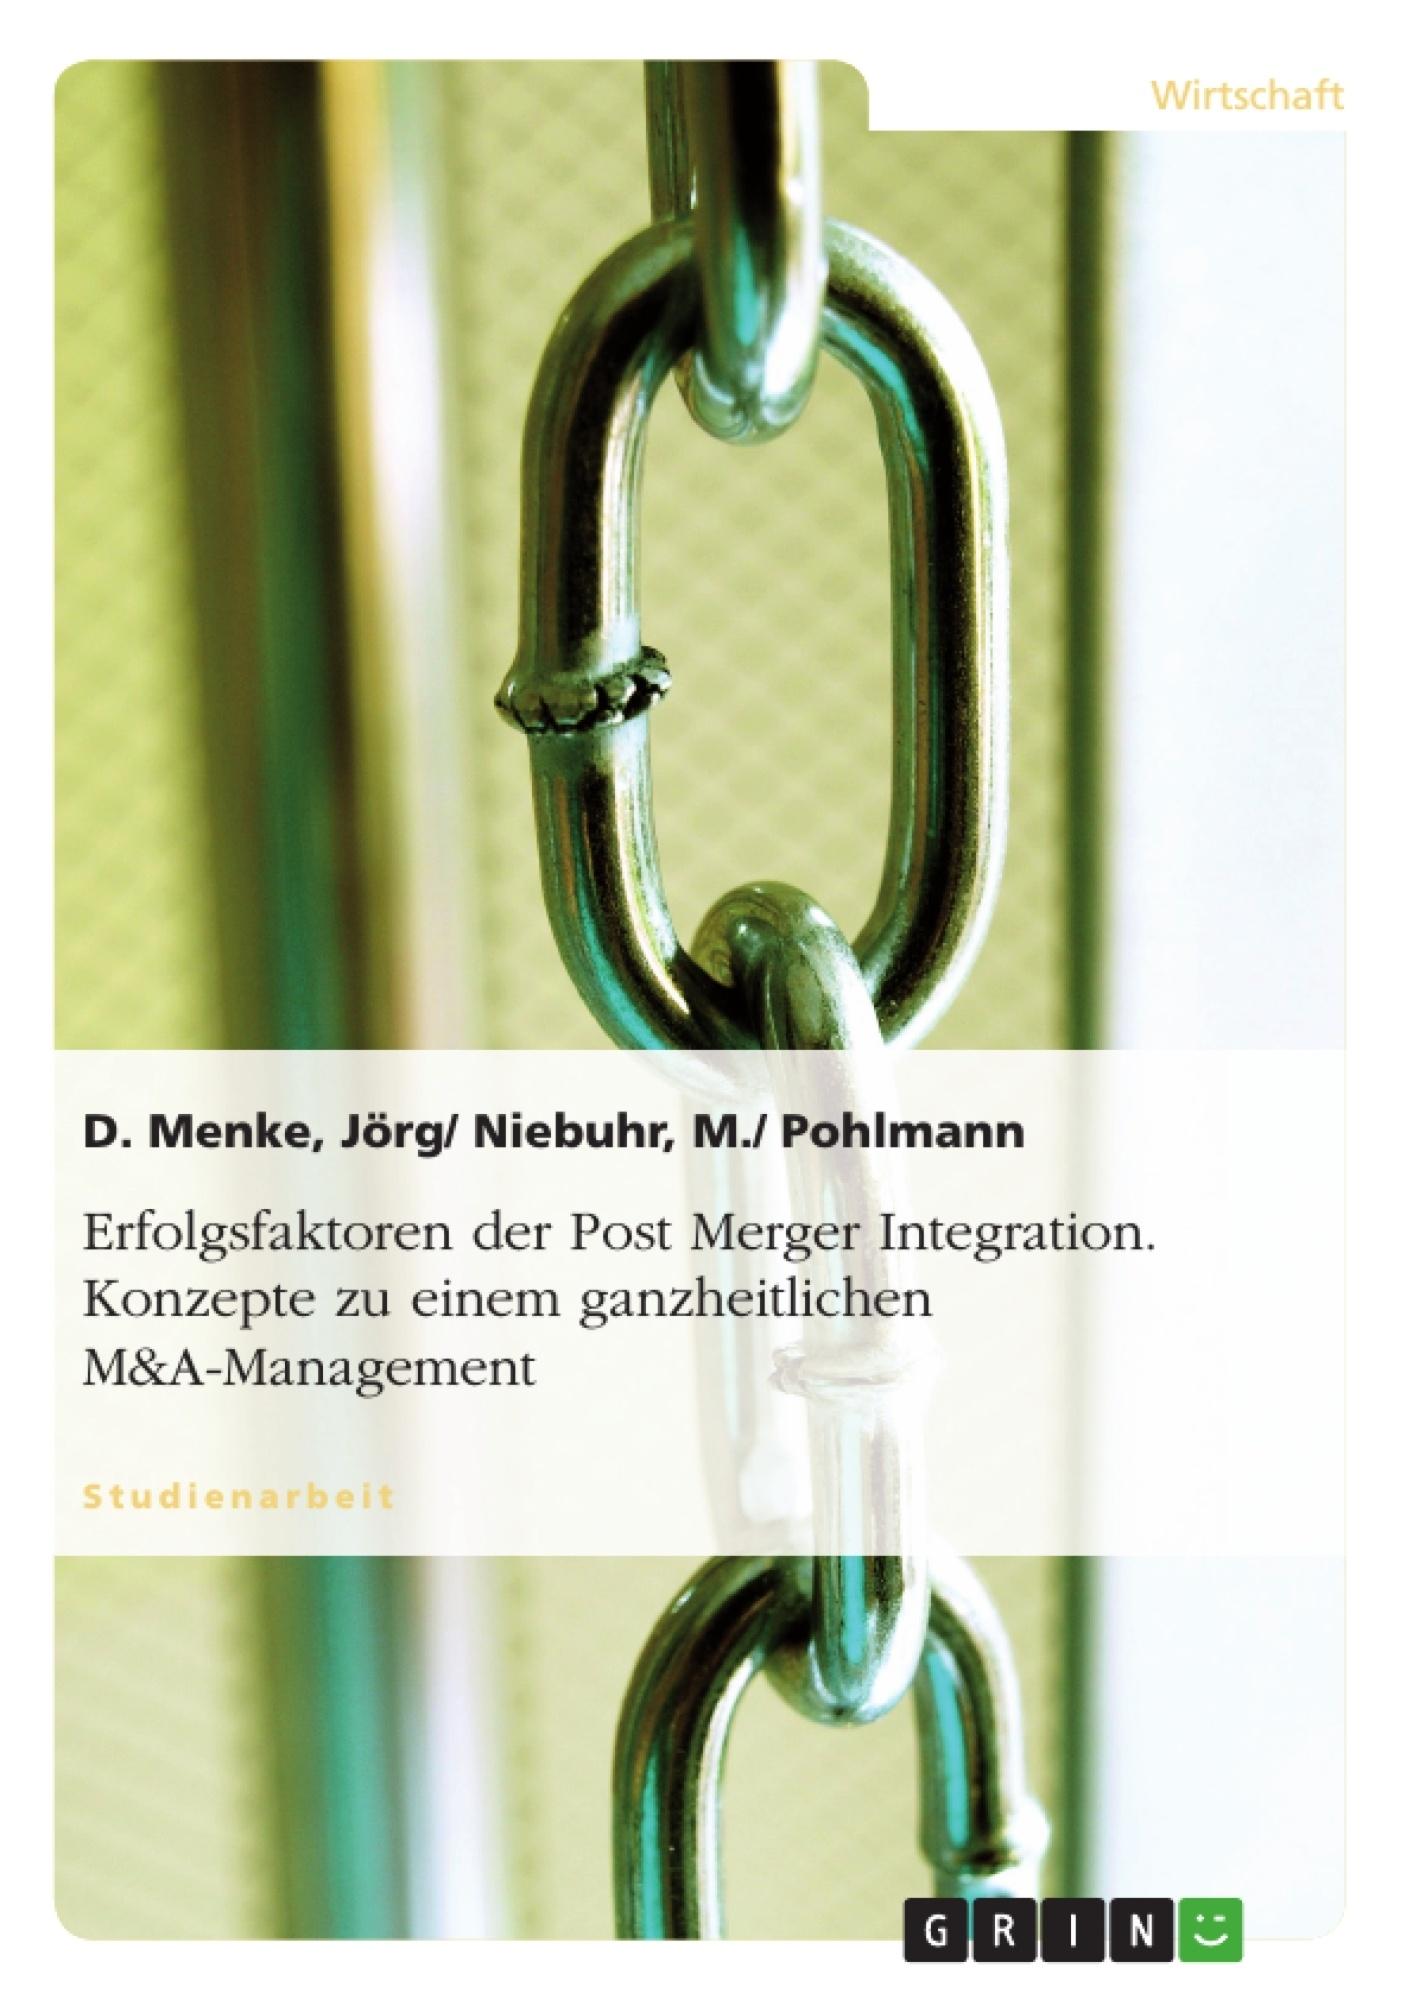 Titel: Erfolgsfaktoren der Post Merger Integration. Konzepte zu einem ganzheitlichen M&A-Management